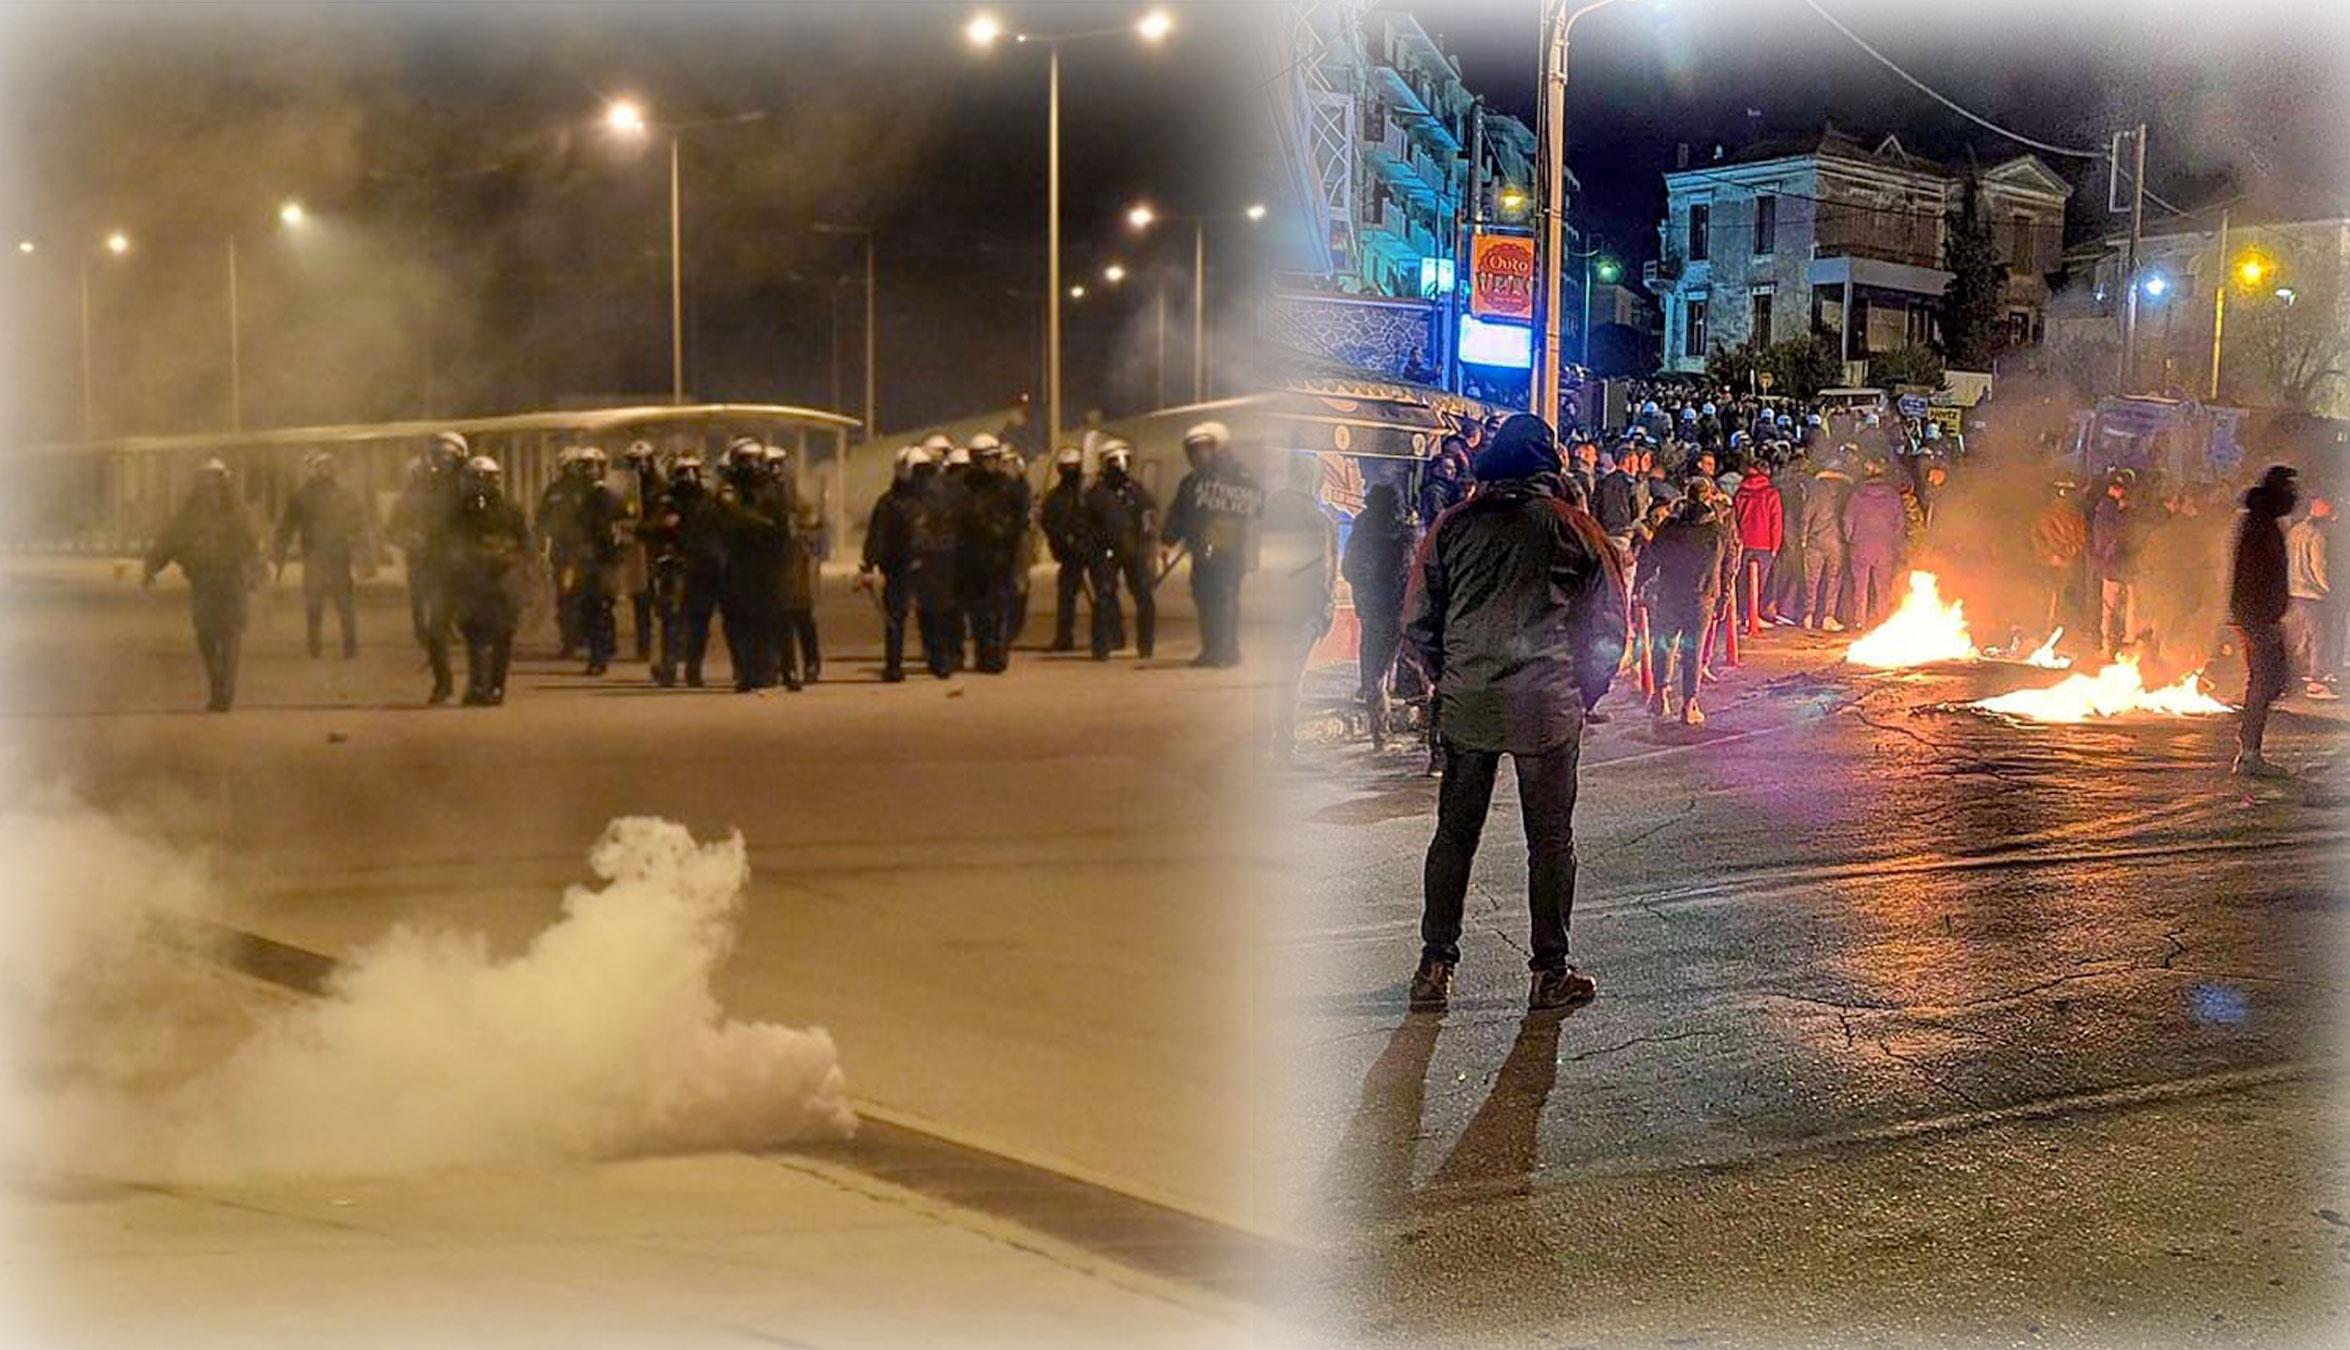 Μεταναστευτικό: Νύχτα κόλαση σε Μυτιλήνη και Χίο! Μάχες με τα ΜΑΤ στα λιμάνια